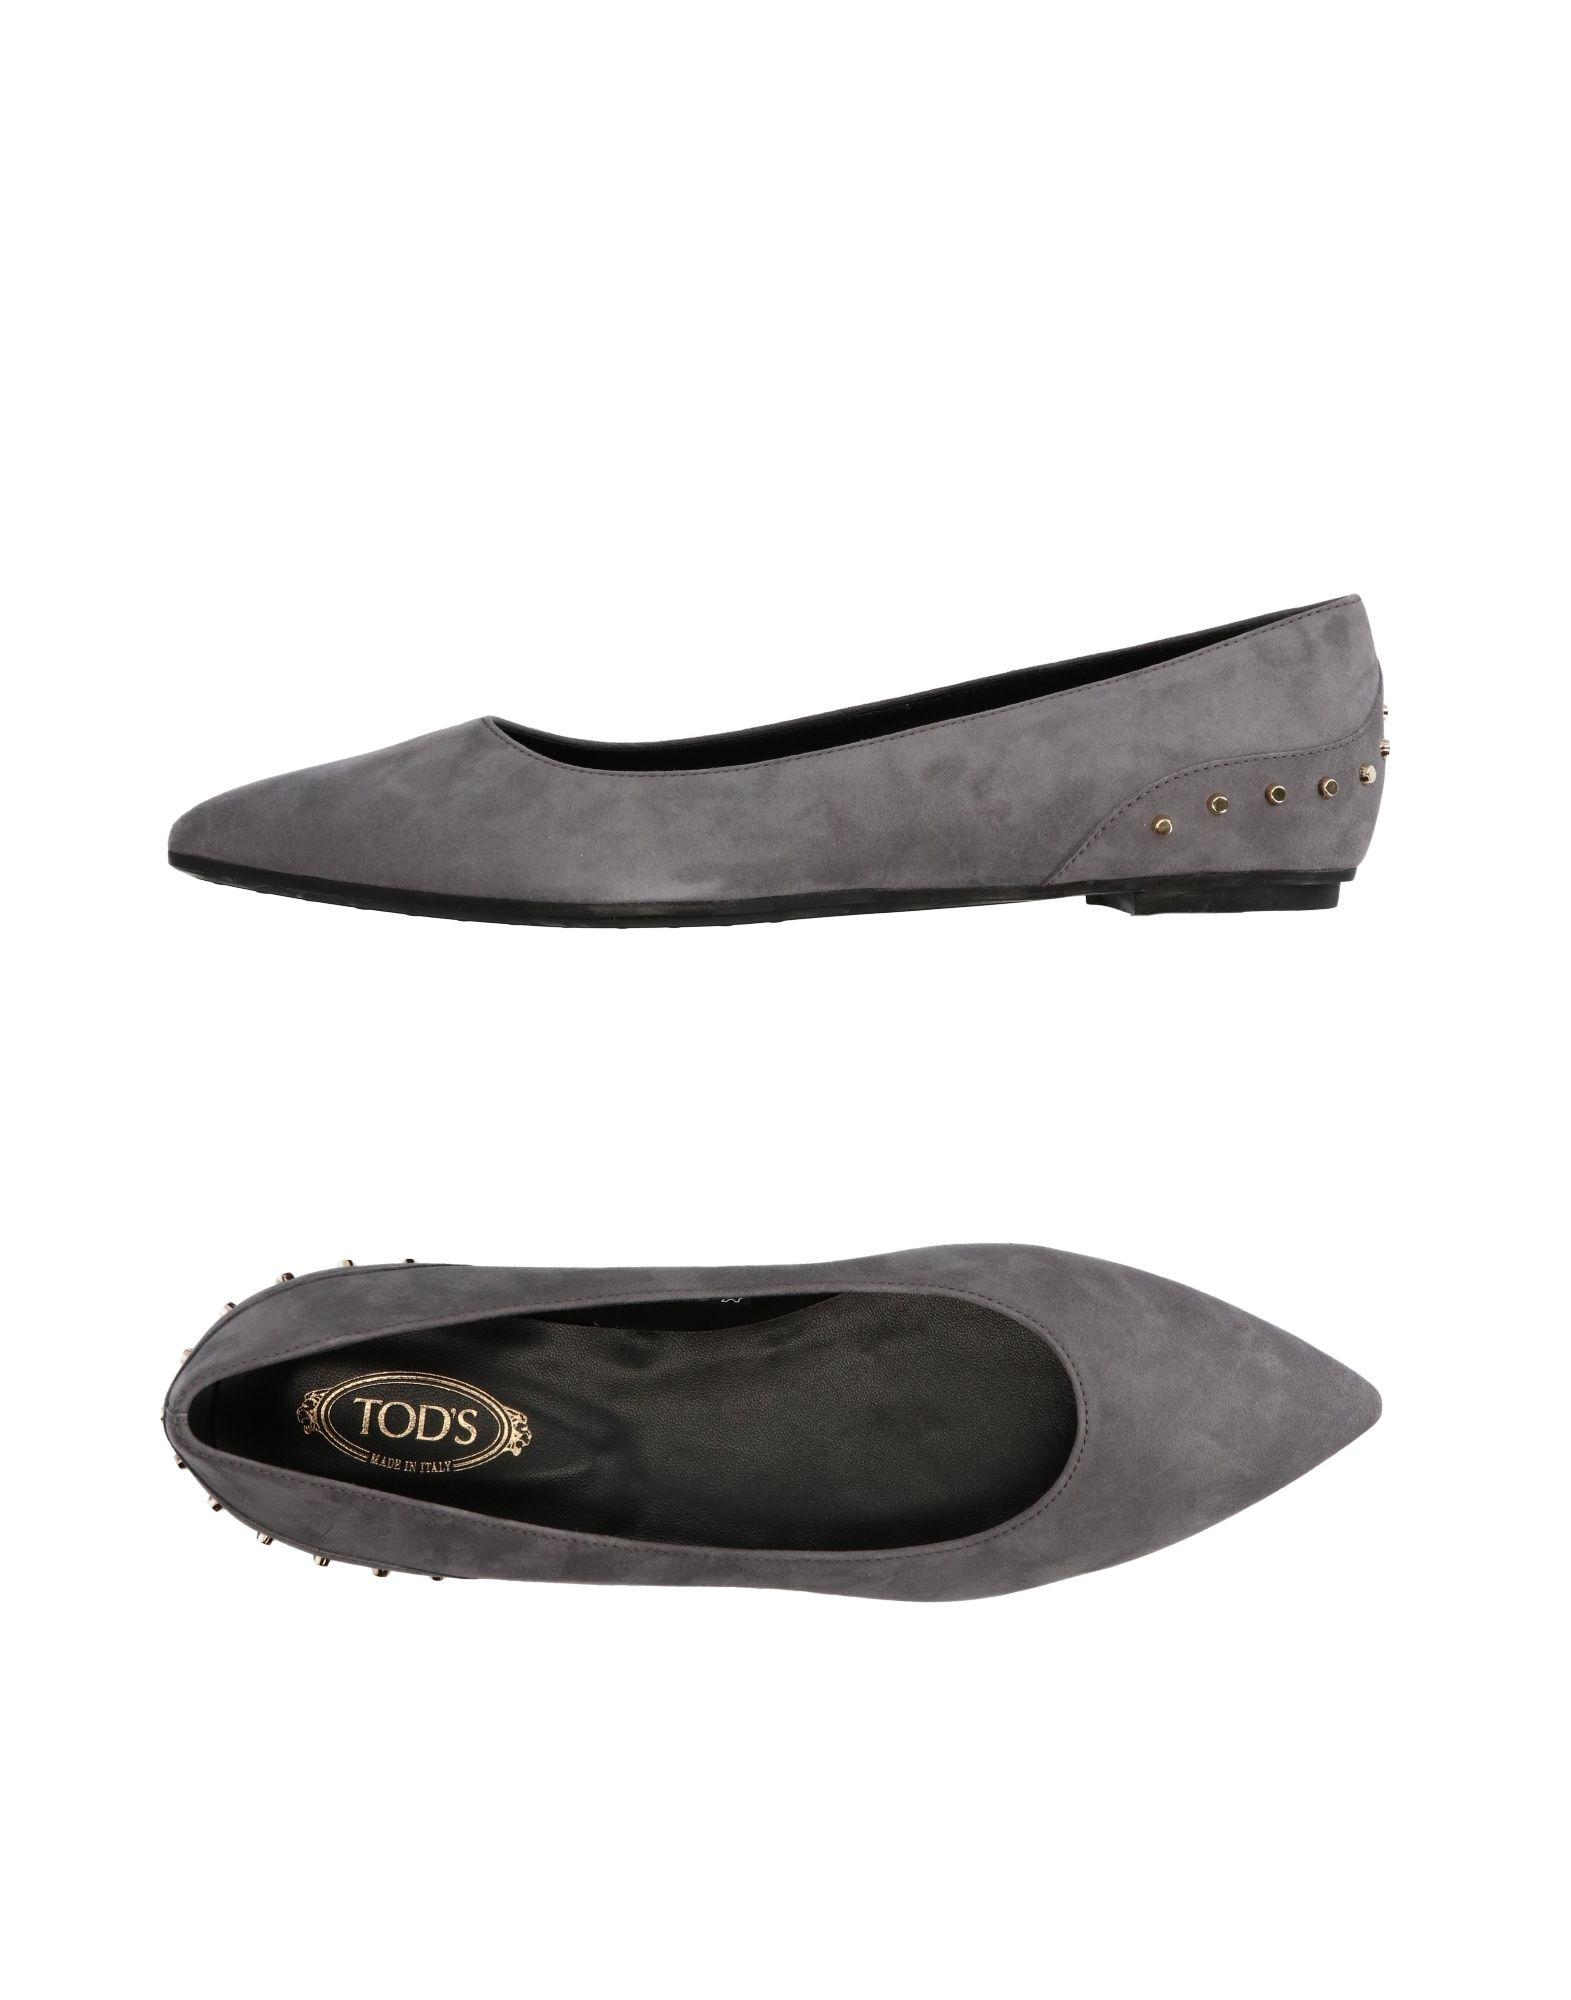 Ballerine Tod's Donna - 11284208EK elegante